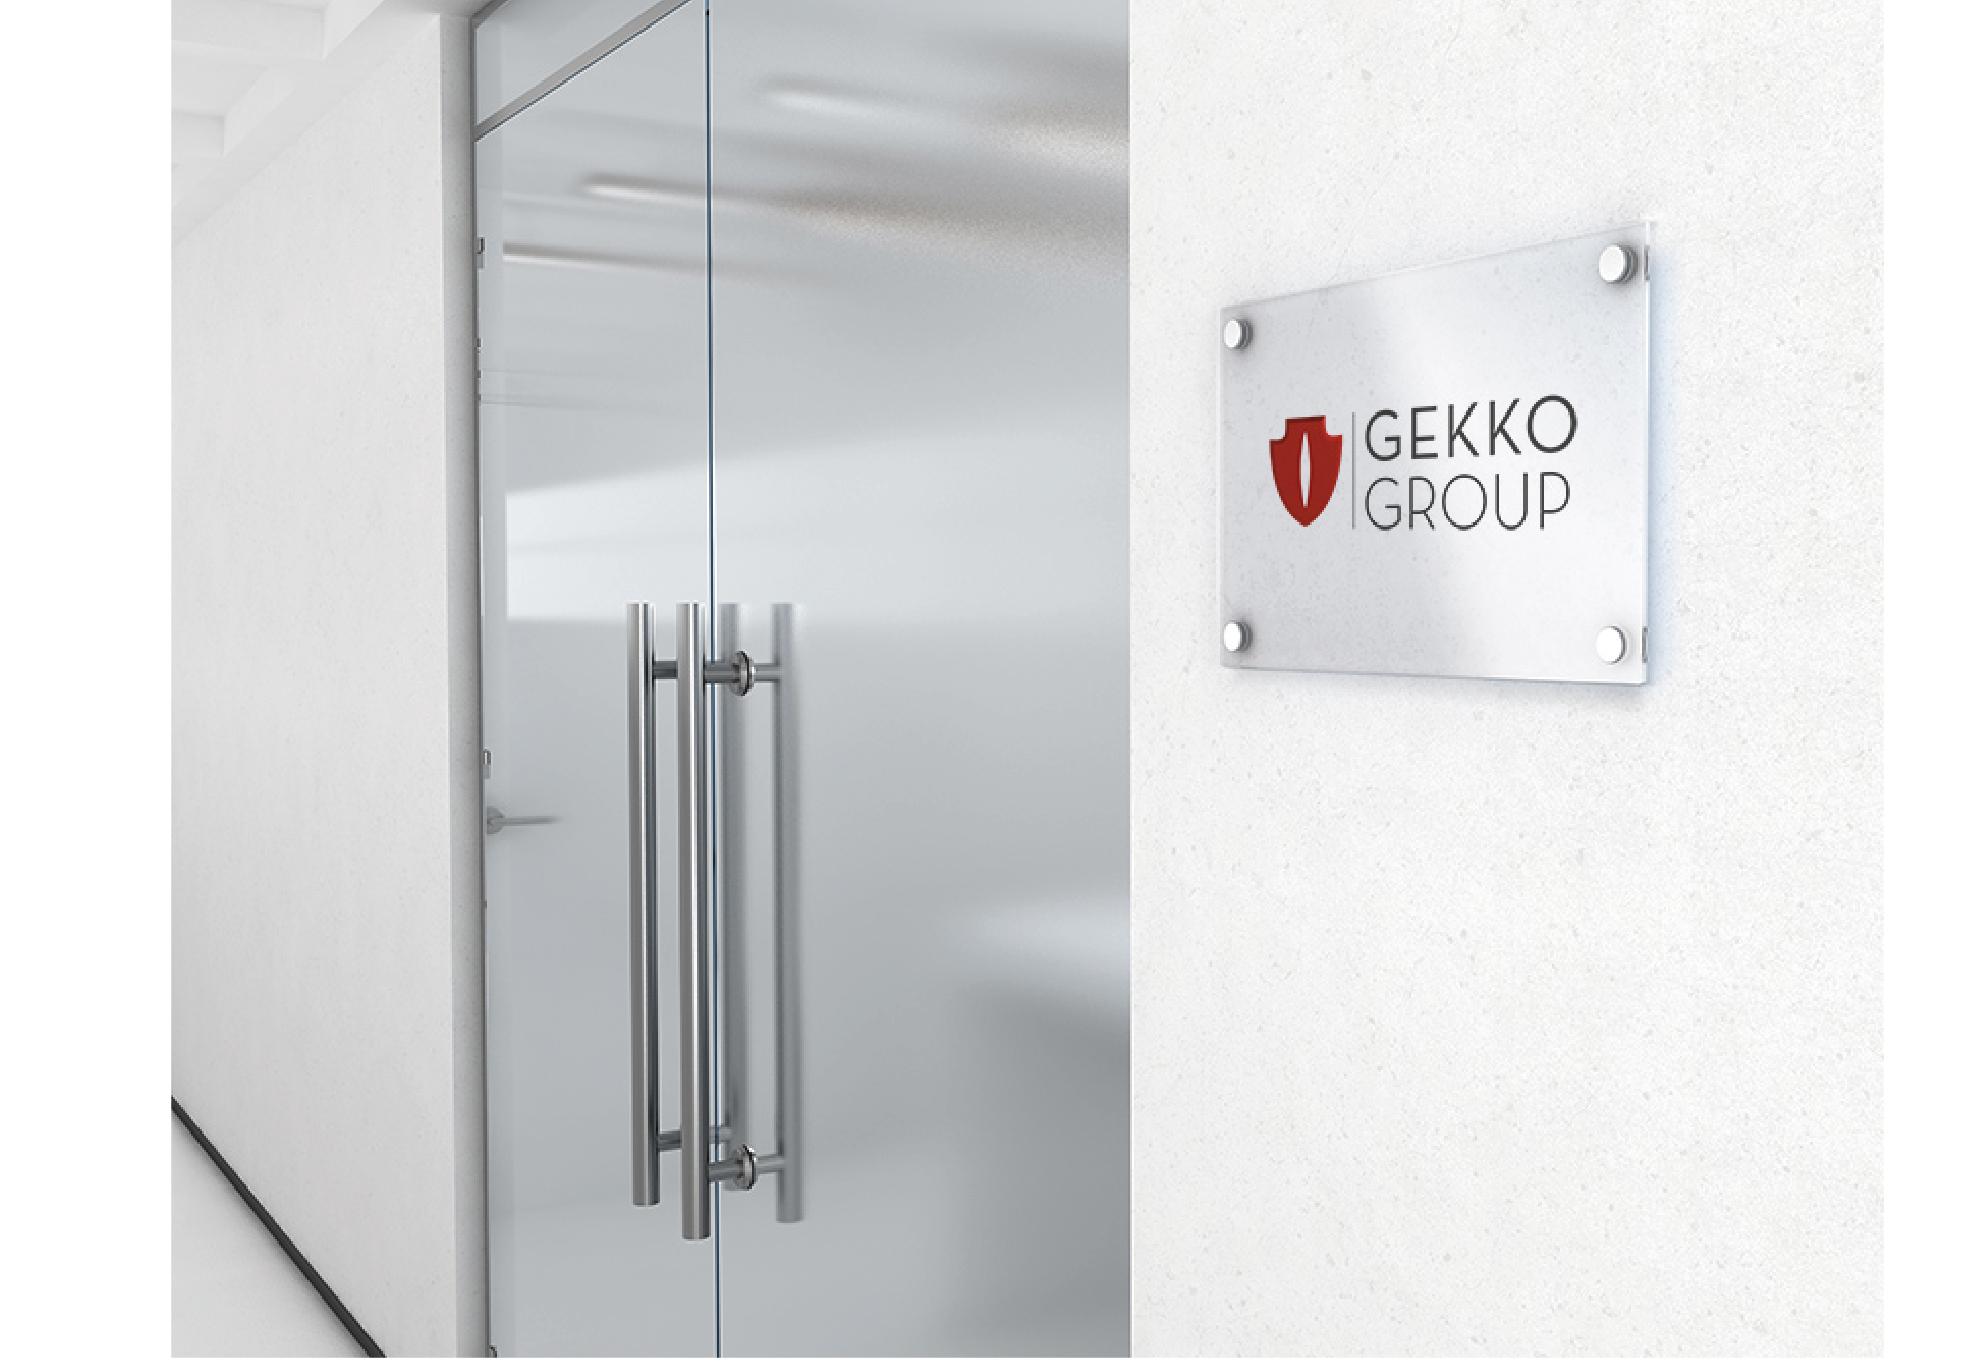 GEKKO-G-LOGO-09